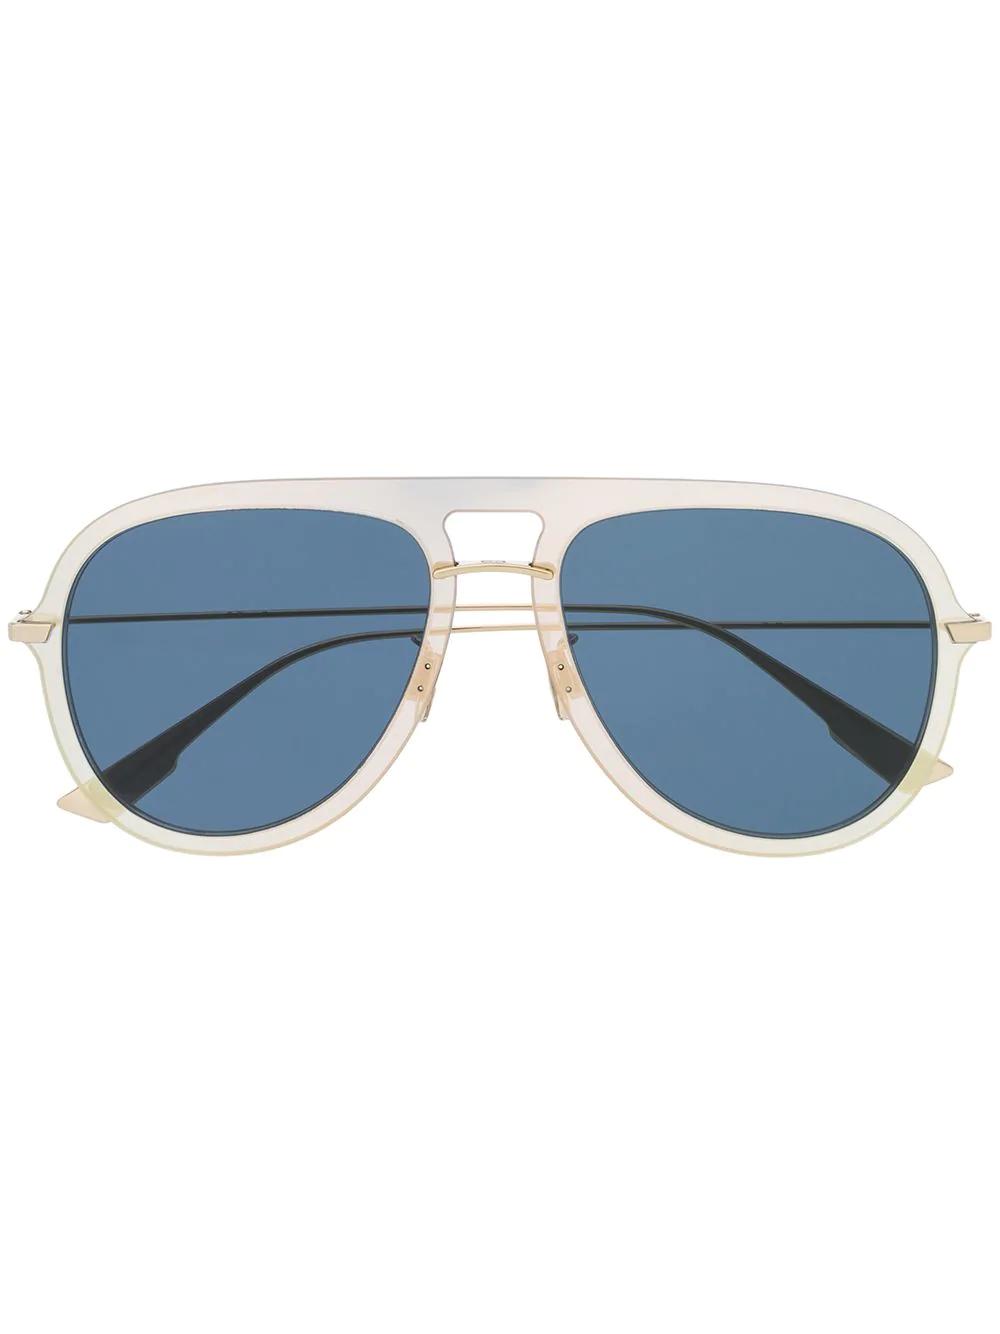 a686bddf3963 Dior Eyewear Klassische Pilotenbrille - Gold. Farfetch